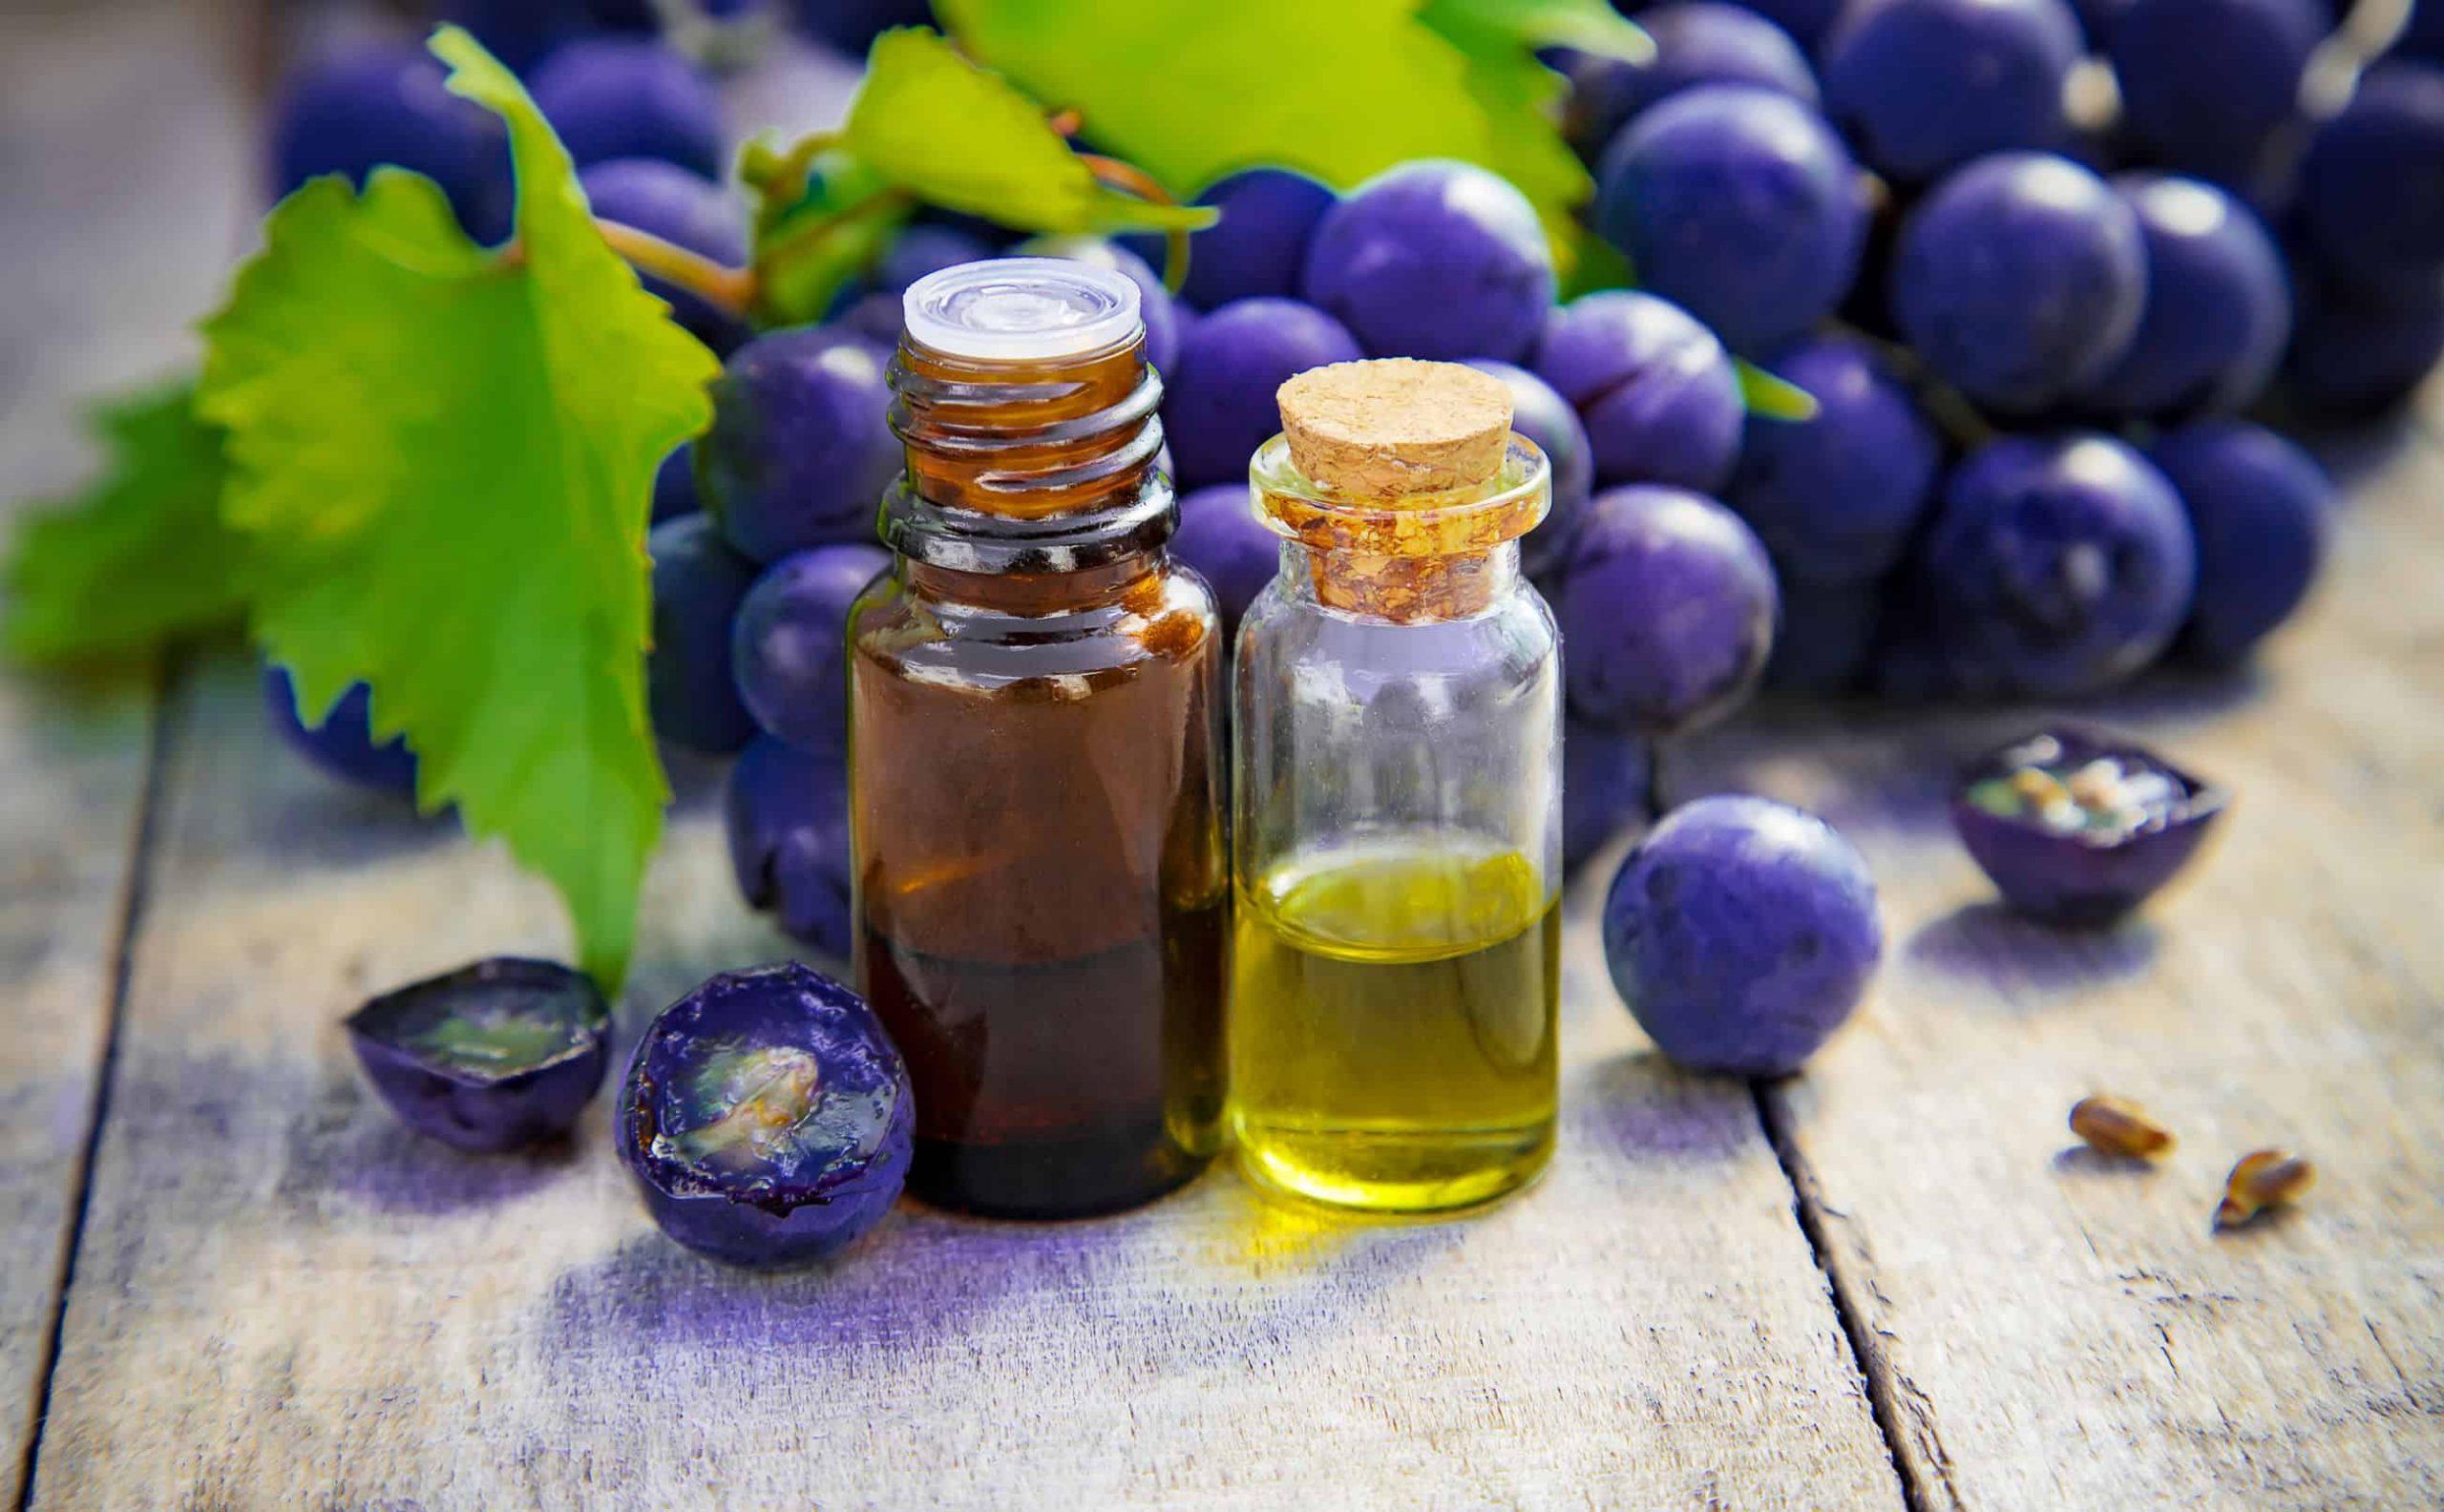 Traubenkernöl: Test, Wirkung, Anwendung & Studien (09/20)